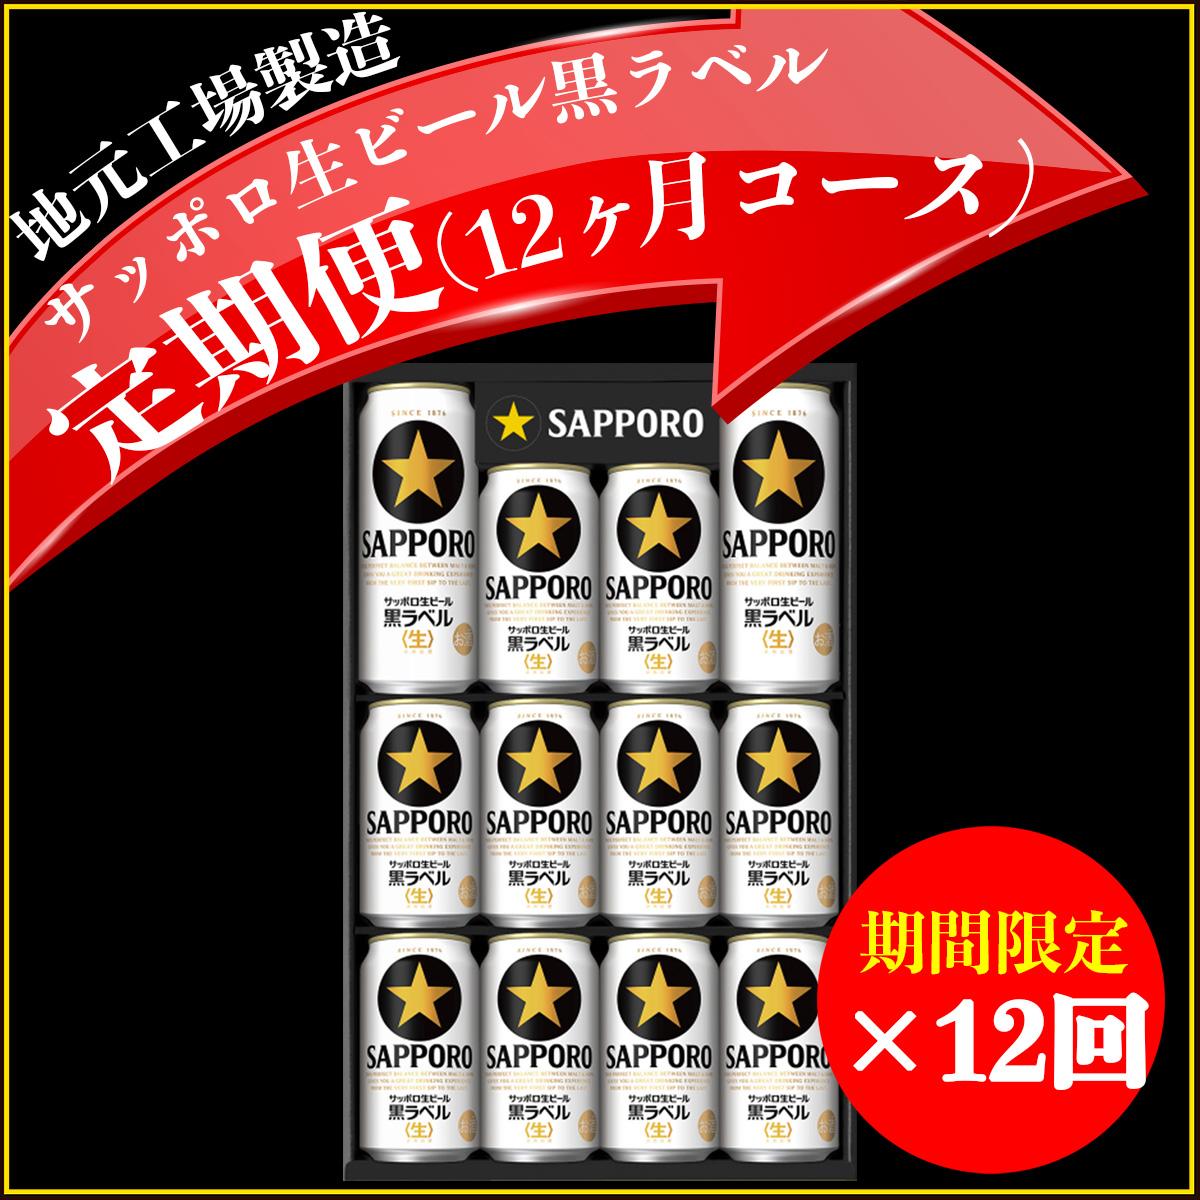 【ふるさと納税】【毎月お届け定期便】地元名取生産 サッポロ生ビール黒ラベル(350ml×10本&500ml×2本)12回お届け